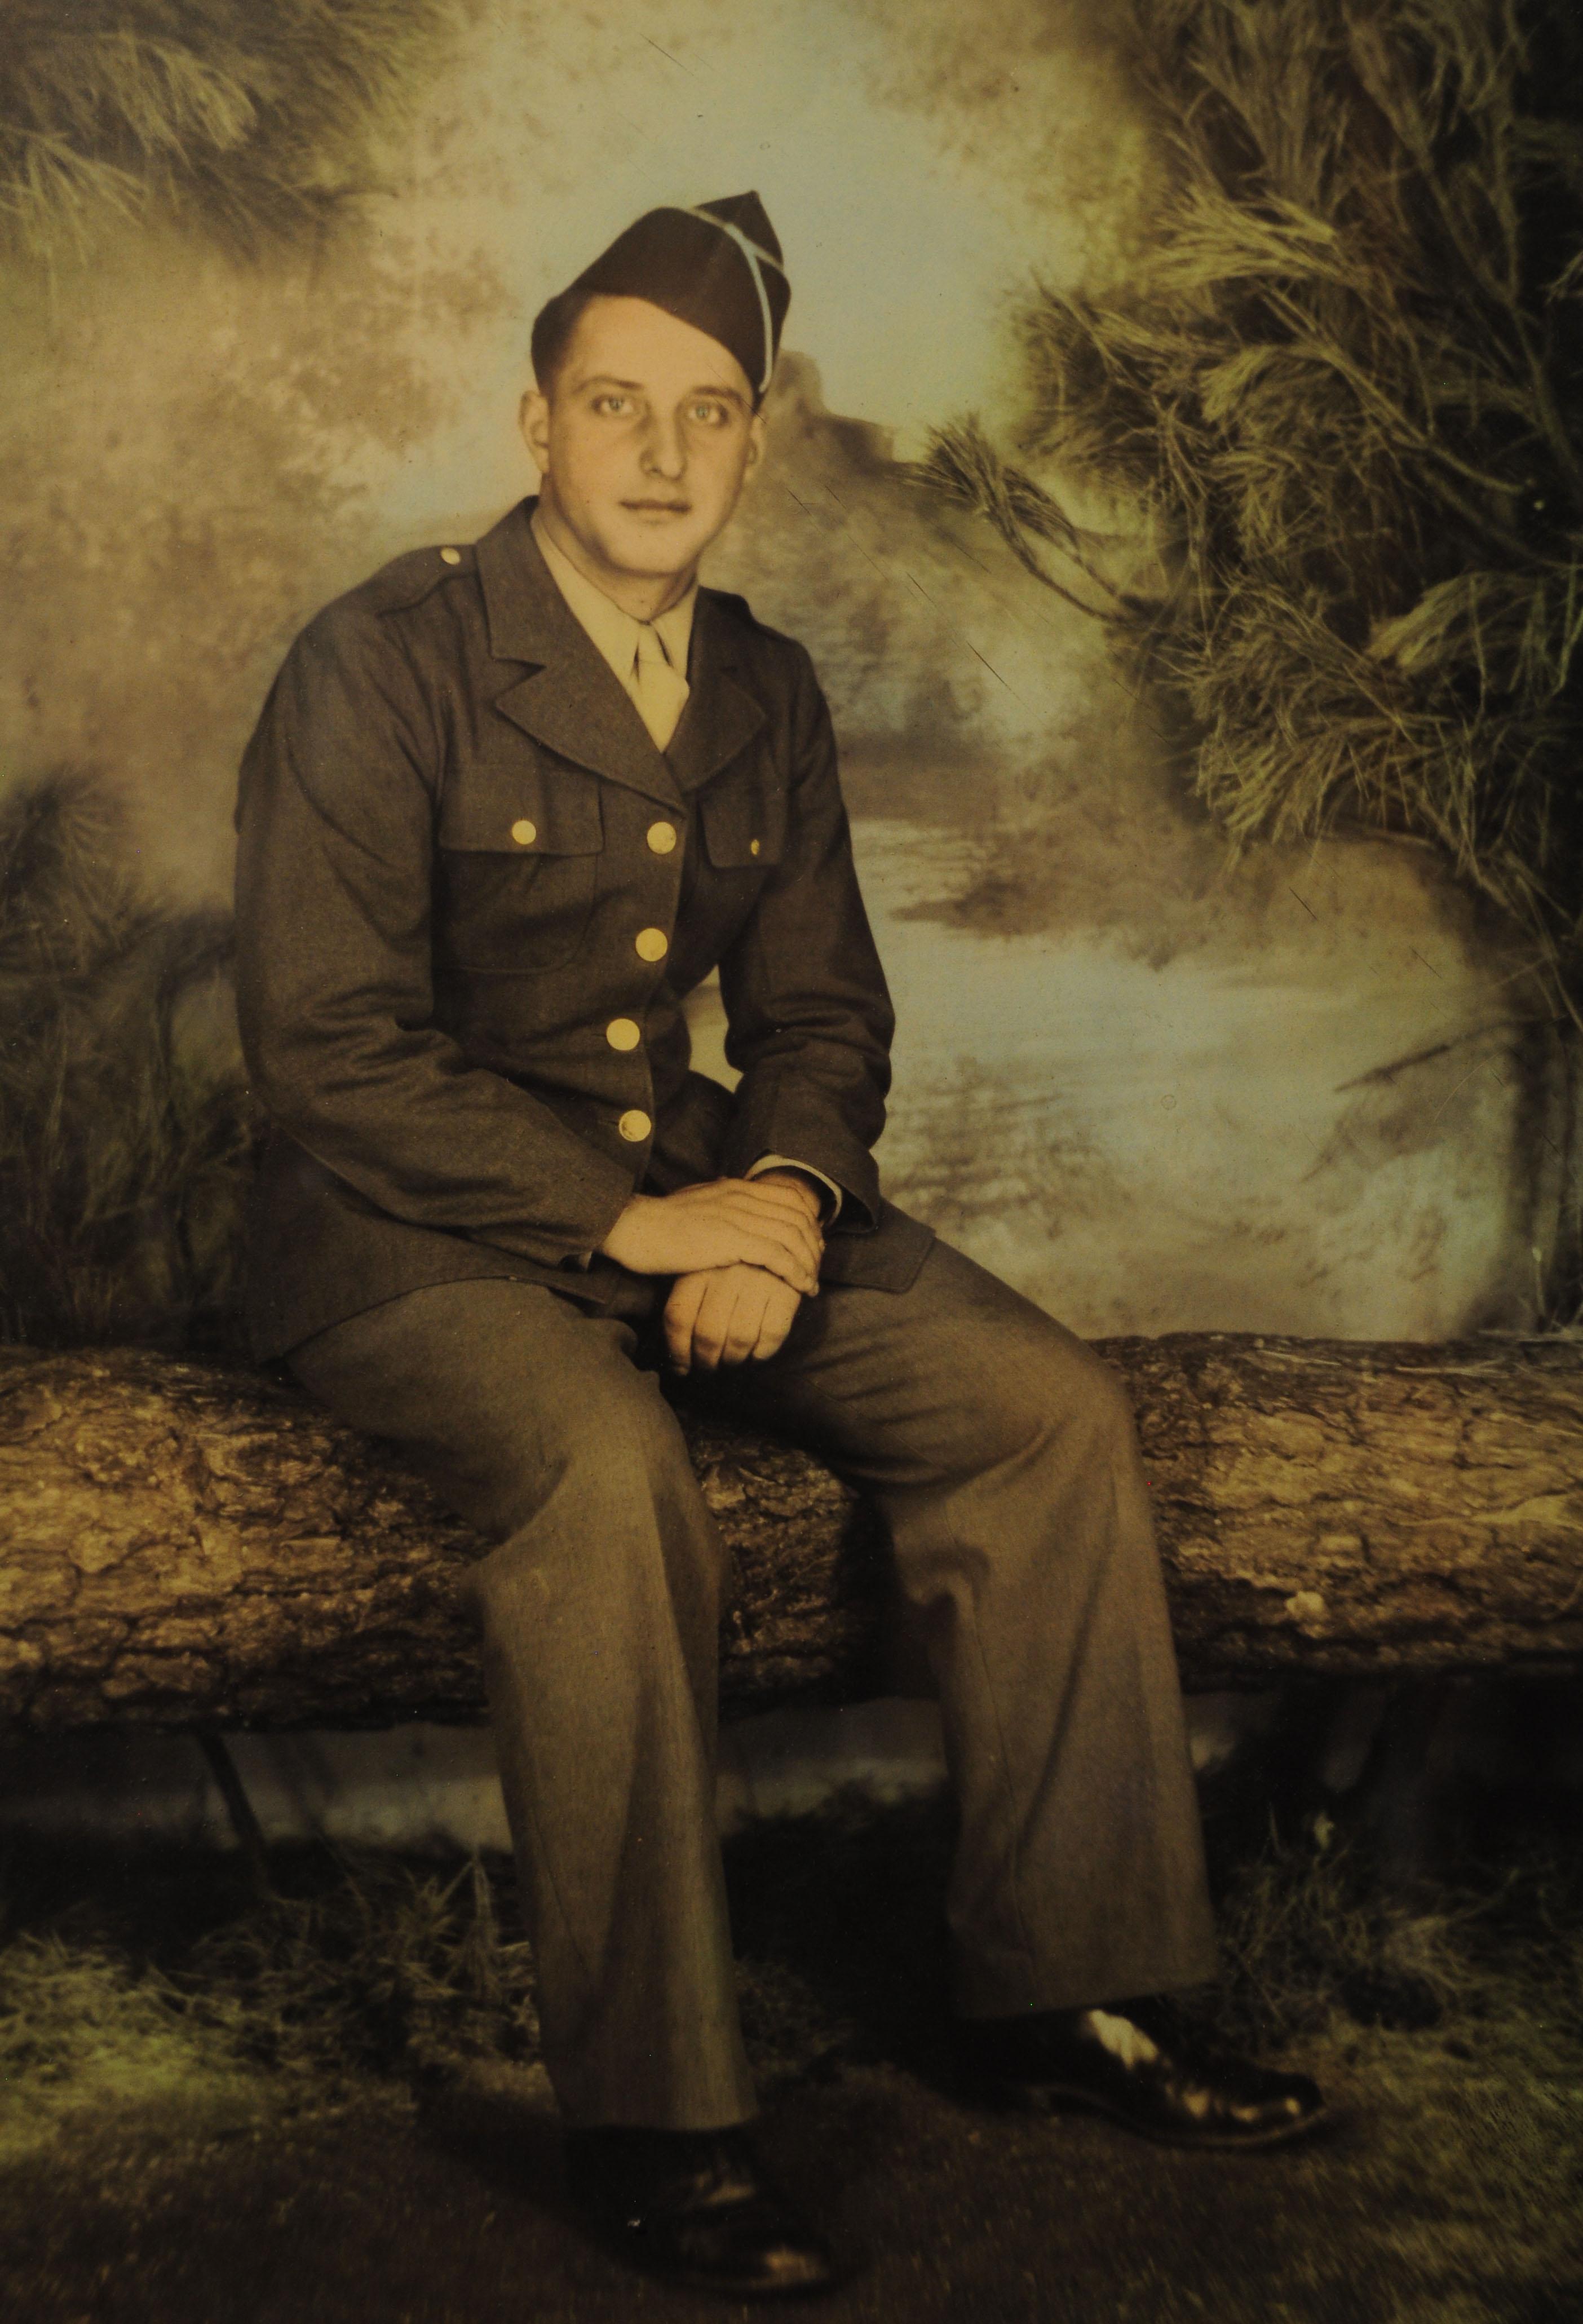 Pvt. John Sersha